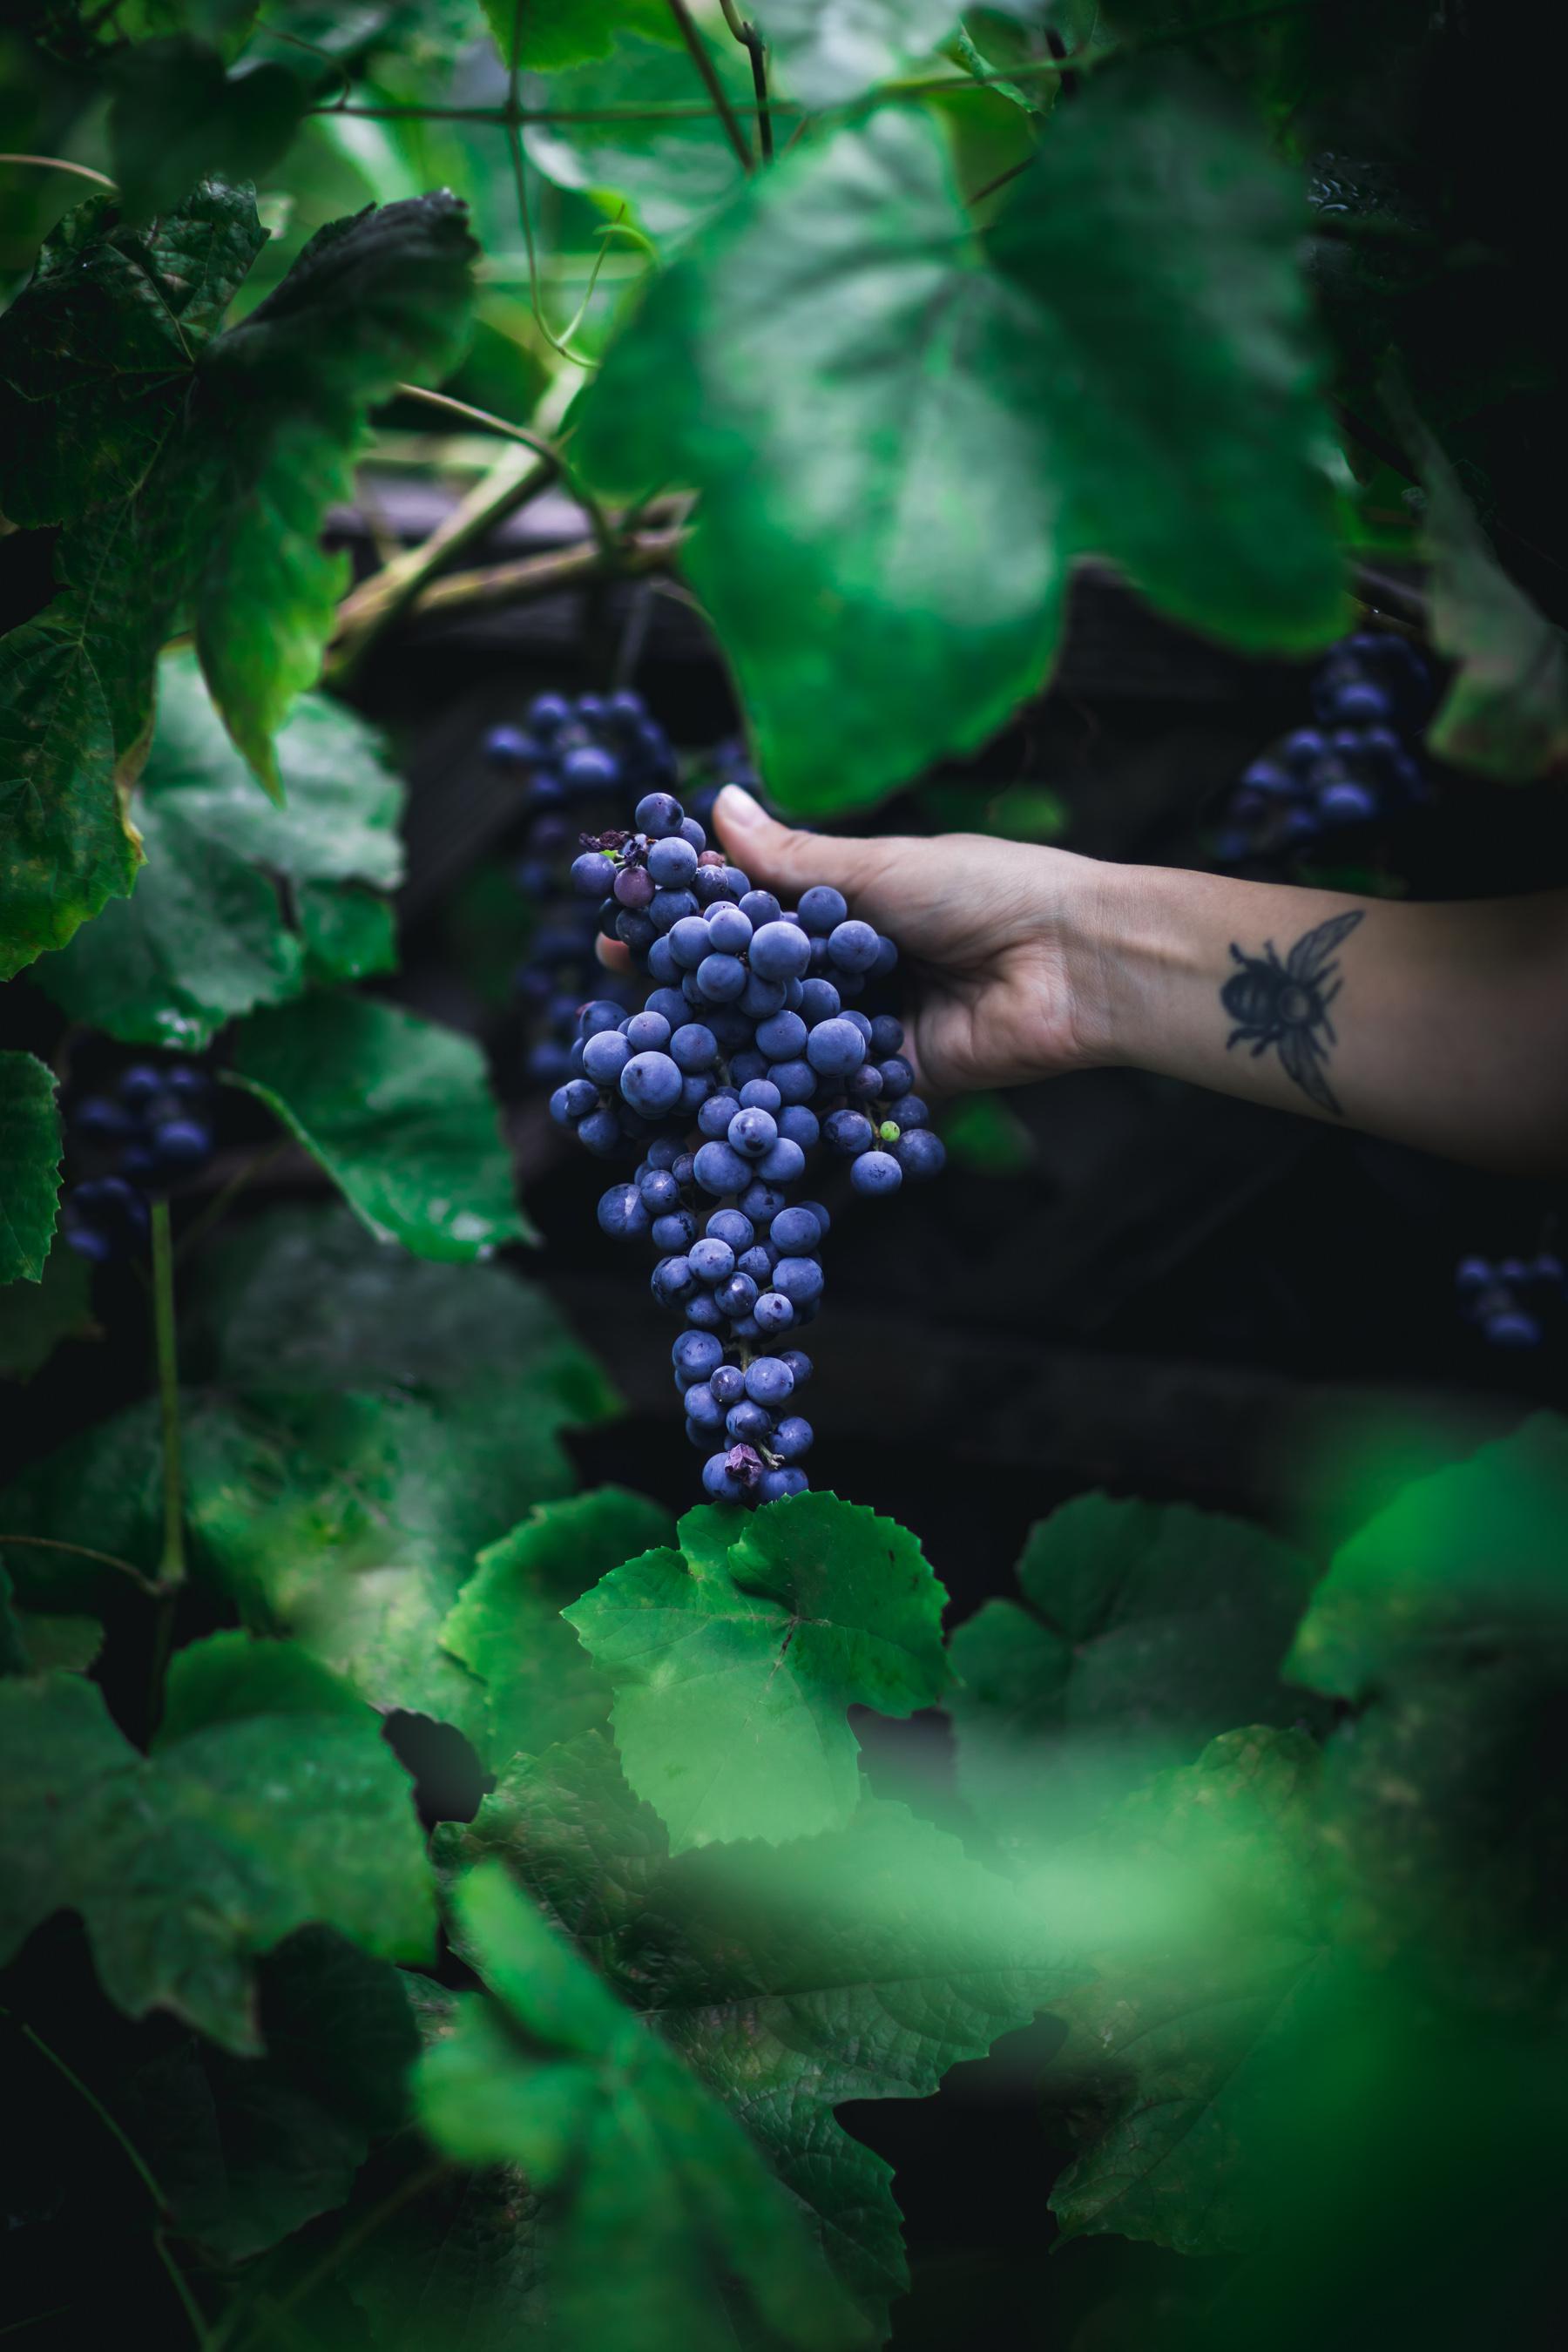 Harvesting Grapes by Eva Kosmas Flores